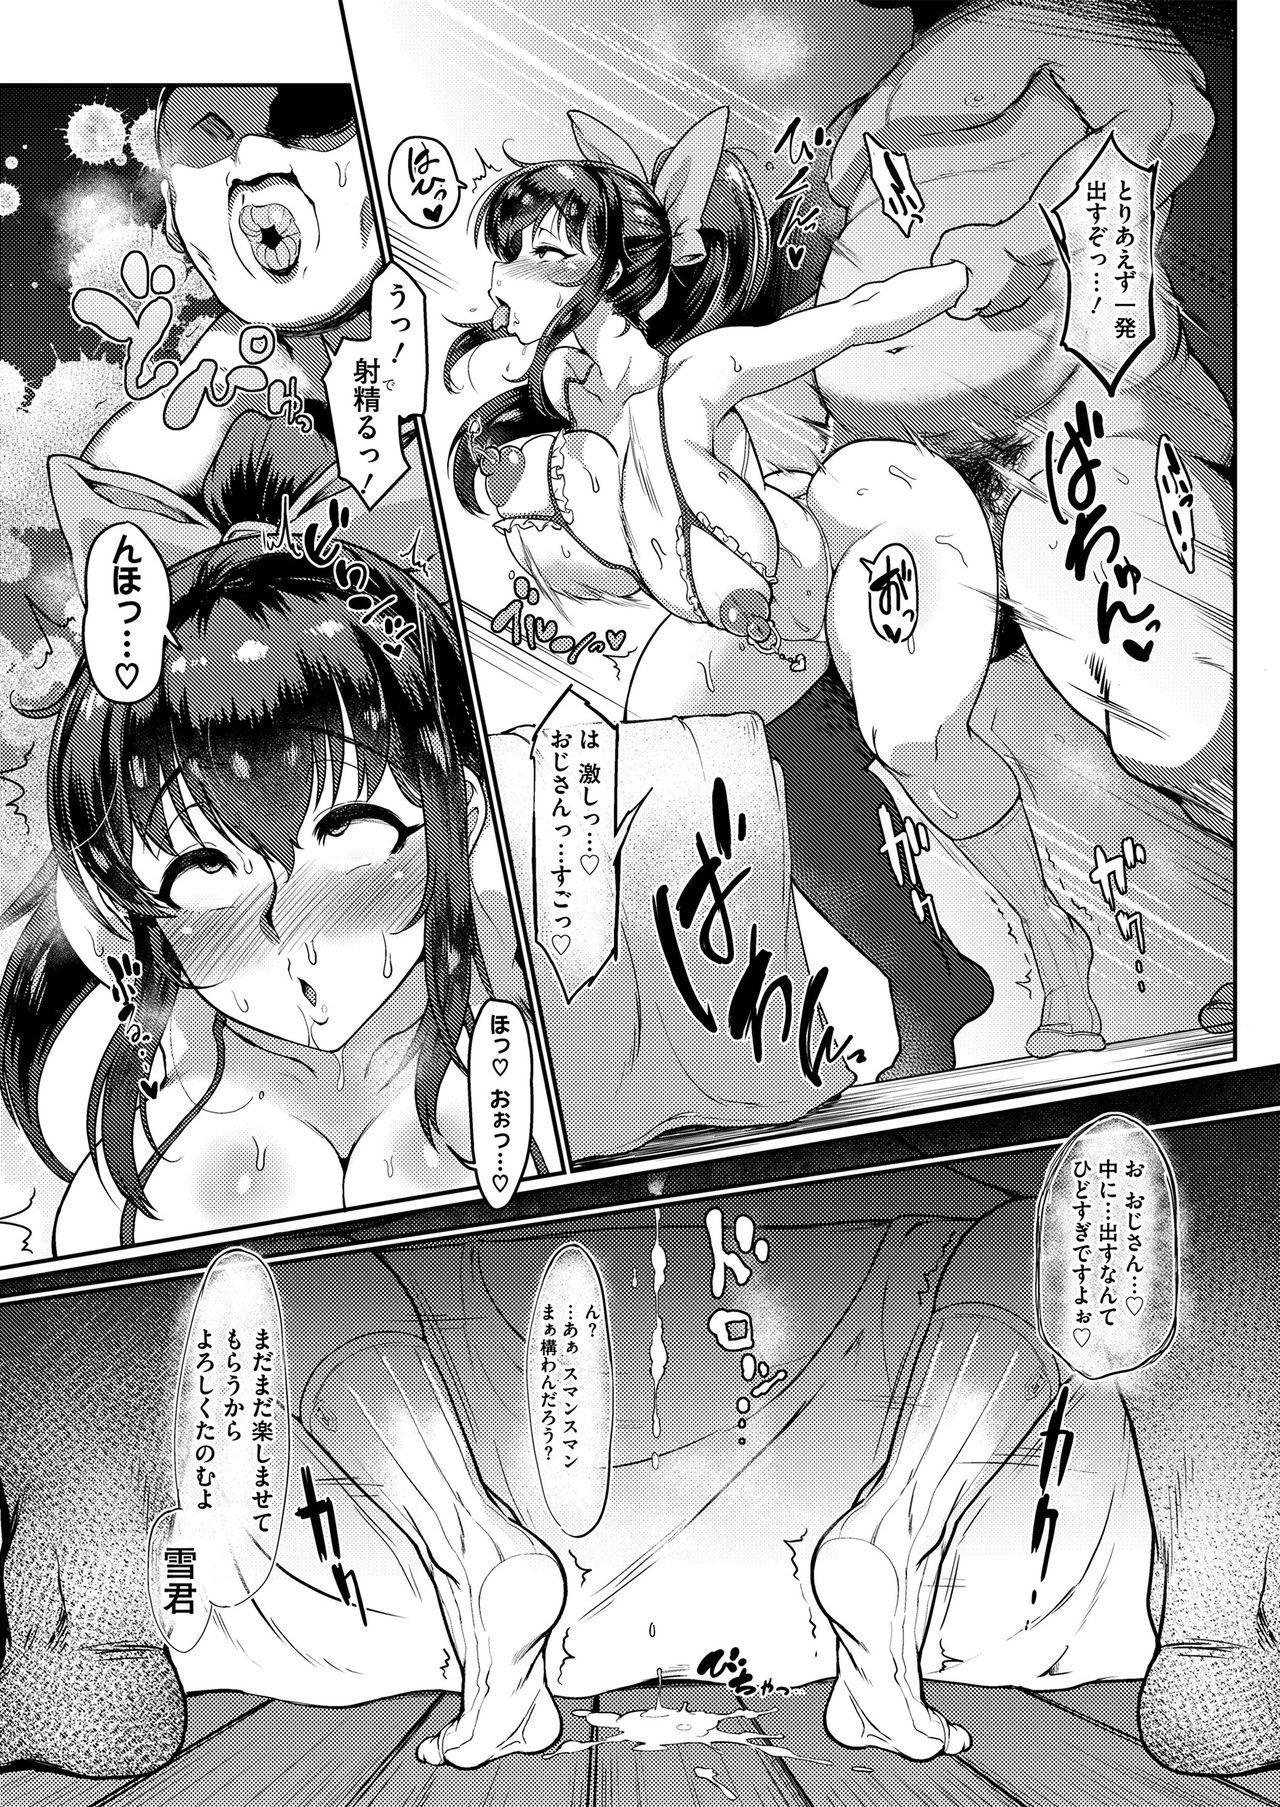 hatsujou densen ~iroka de madowasu bitchi na mesu dachi~ 36